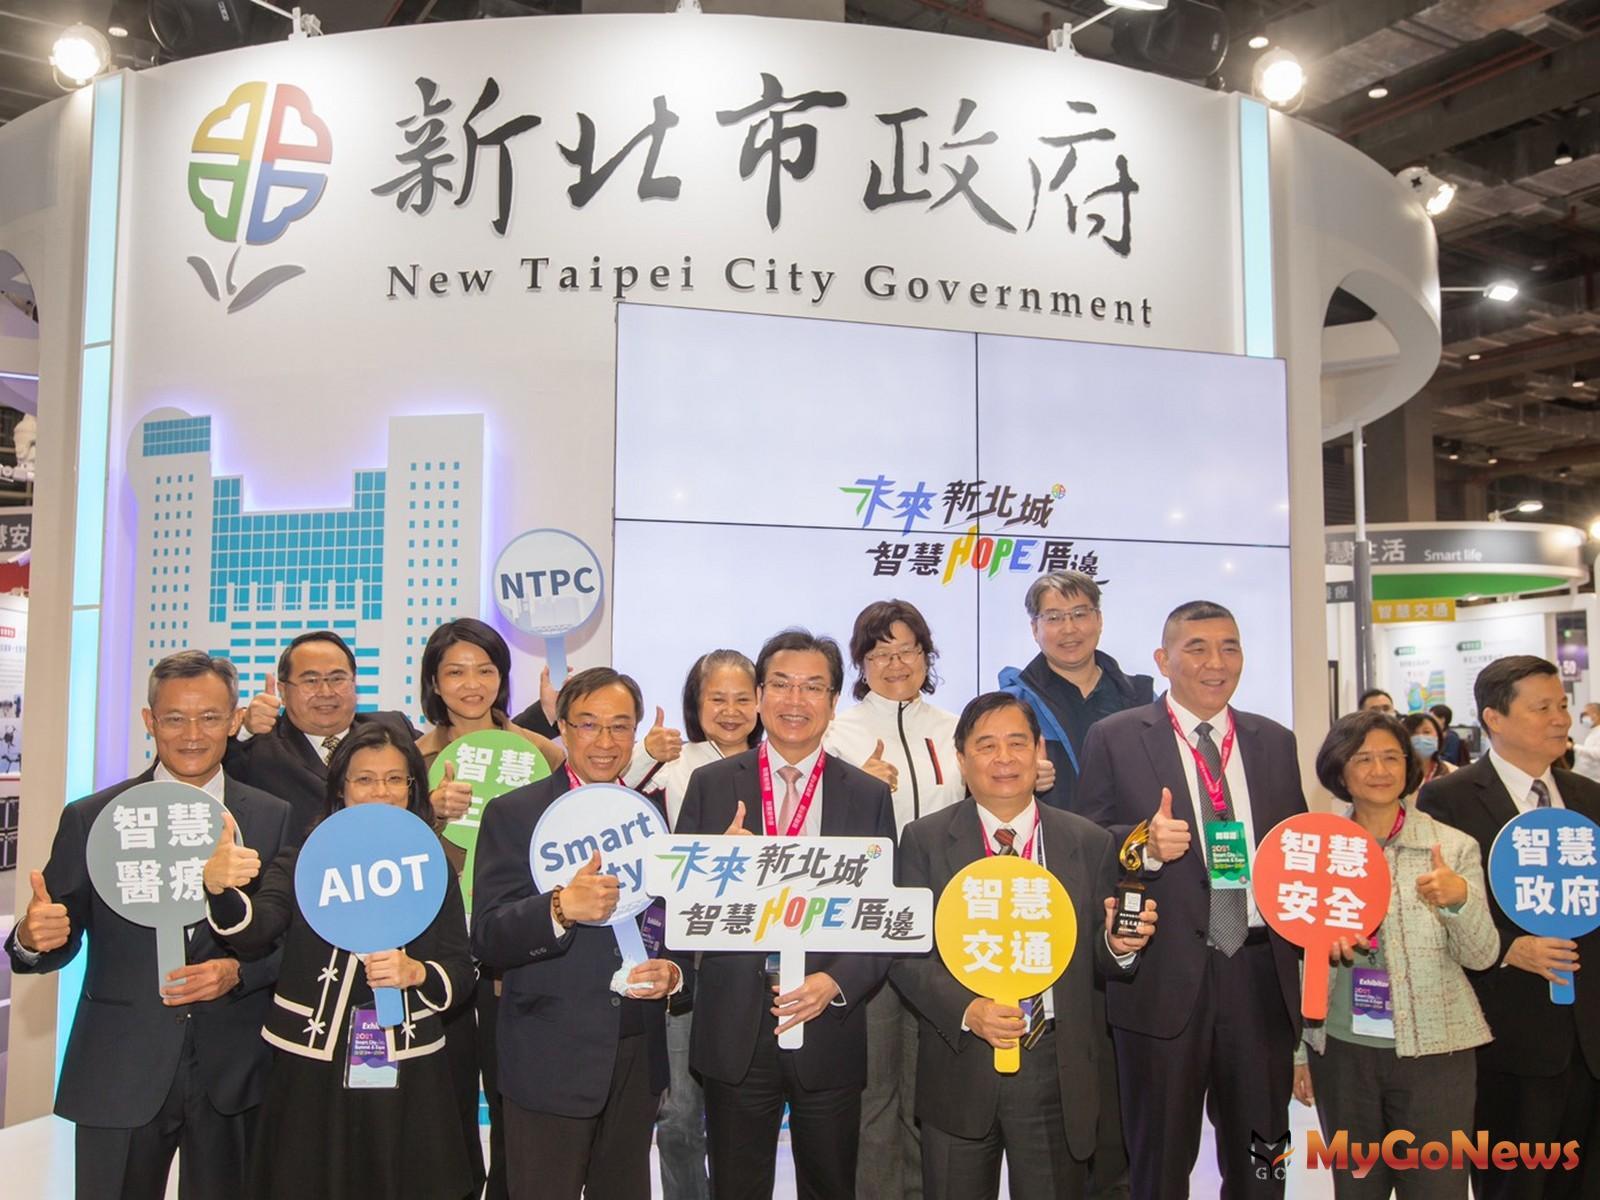 2021智慧城市展新北主題館開城 以永續發展為目標 打造未來新北城(圖/新北市政府) MyGoNews房地產新聞 區域情報